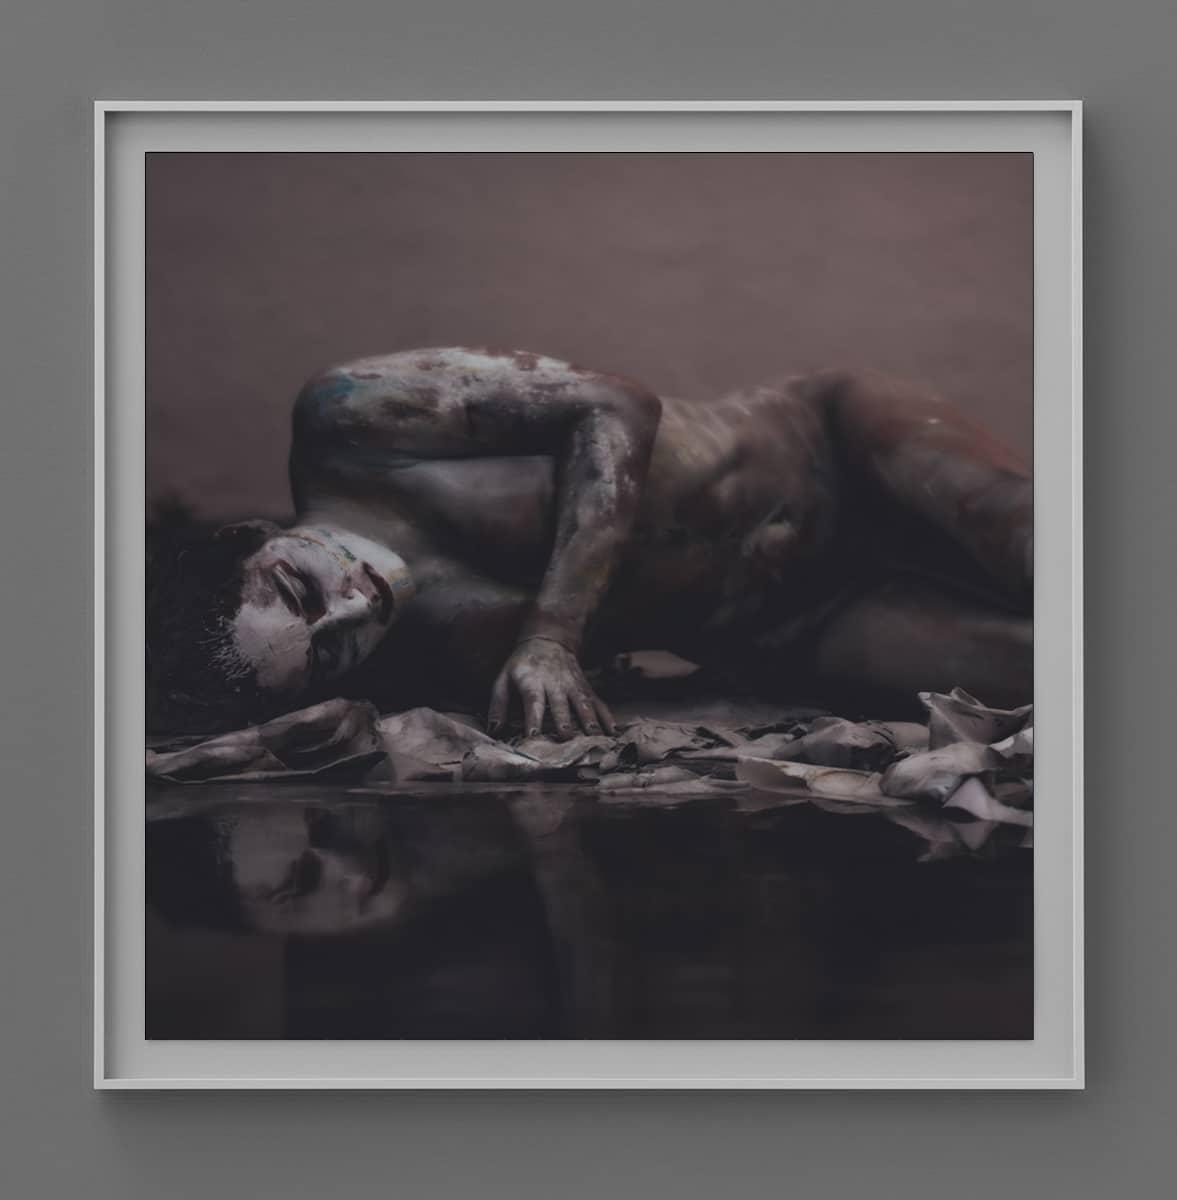 contemporary fine art figurative photograph